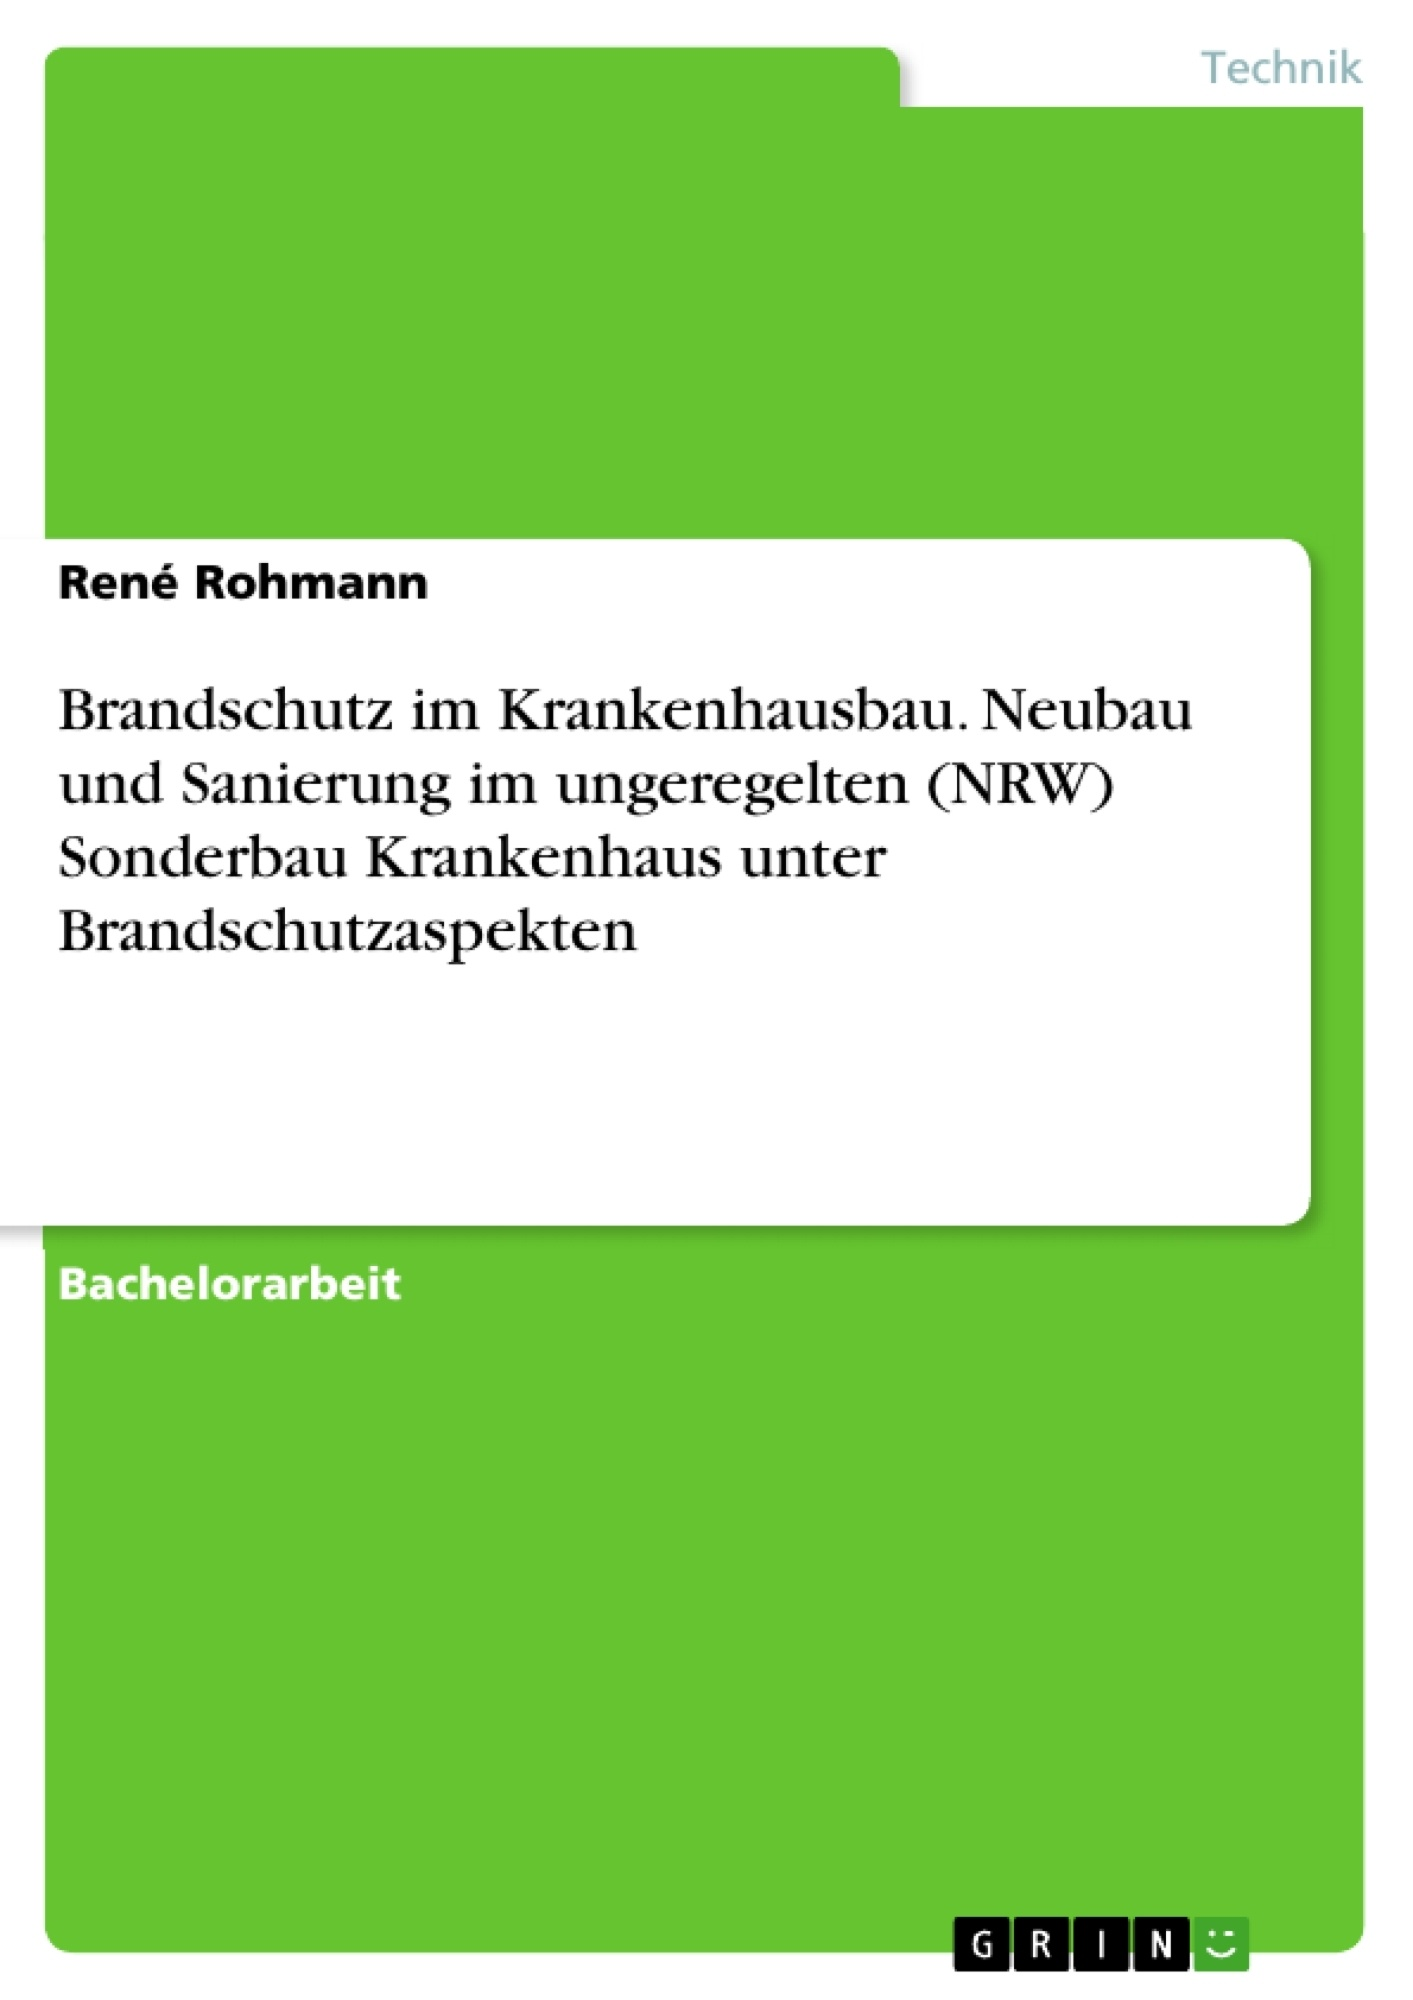 Titel: Brandschutz im Krankenhausbau. Neubau und Sanierung im ungeregelten (NRW) Sonderbau Krankenhaus unter Brandschutzaspekten